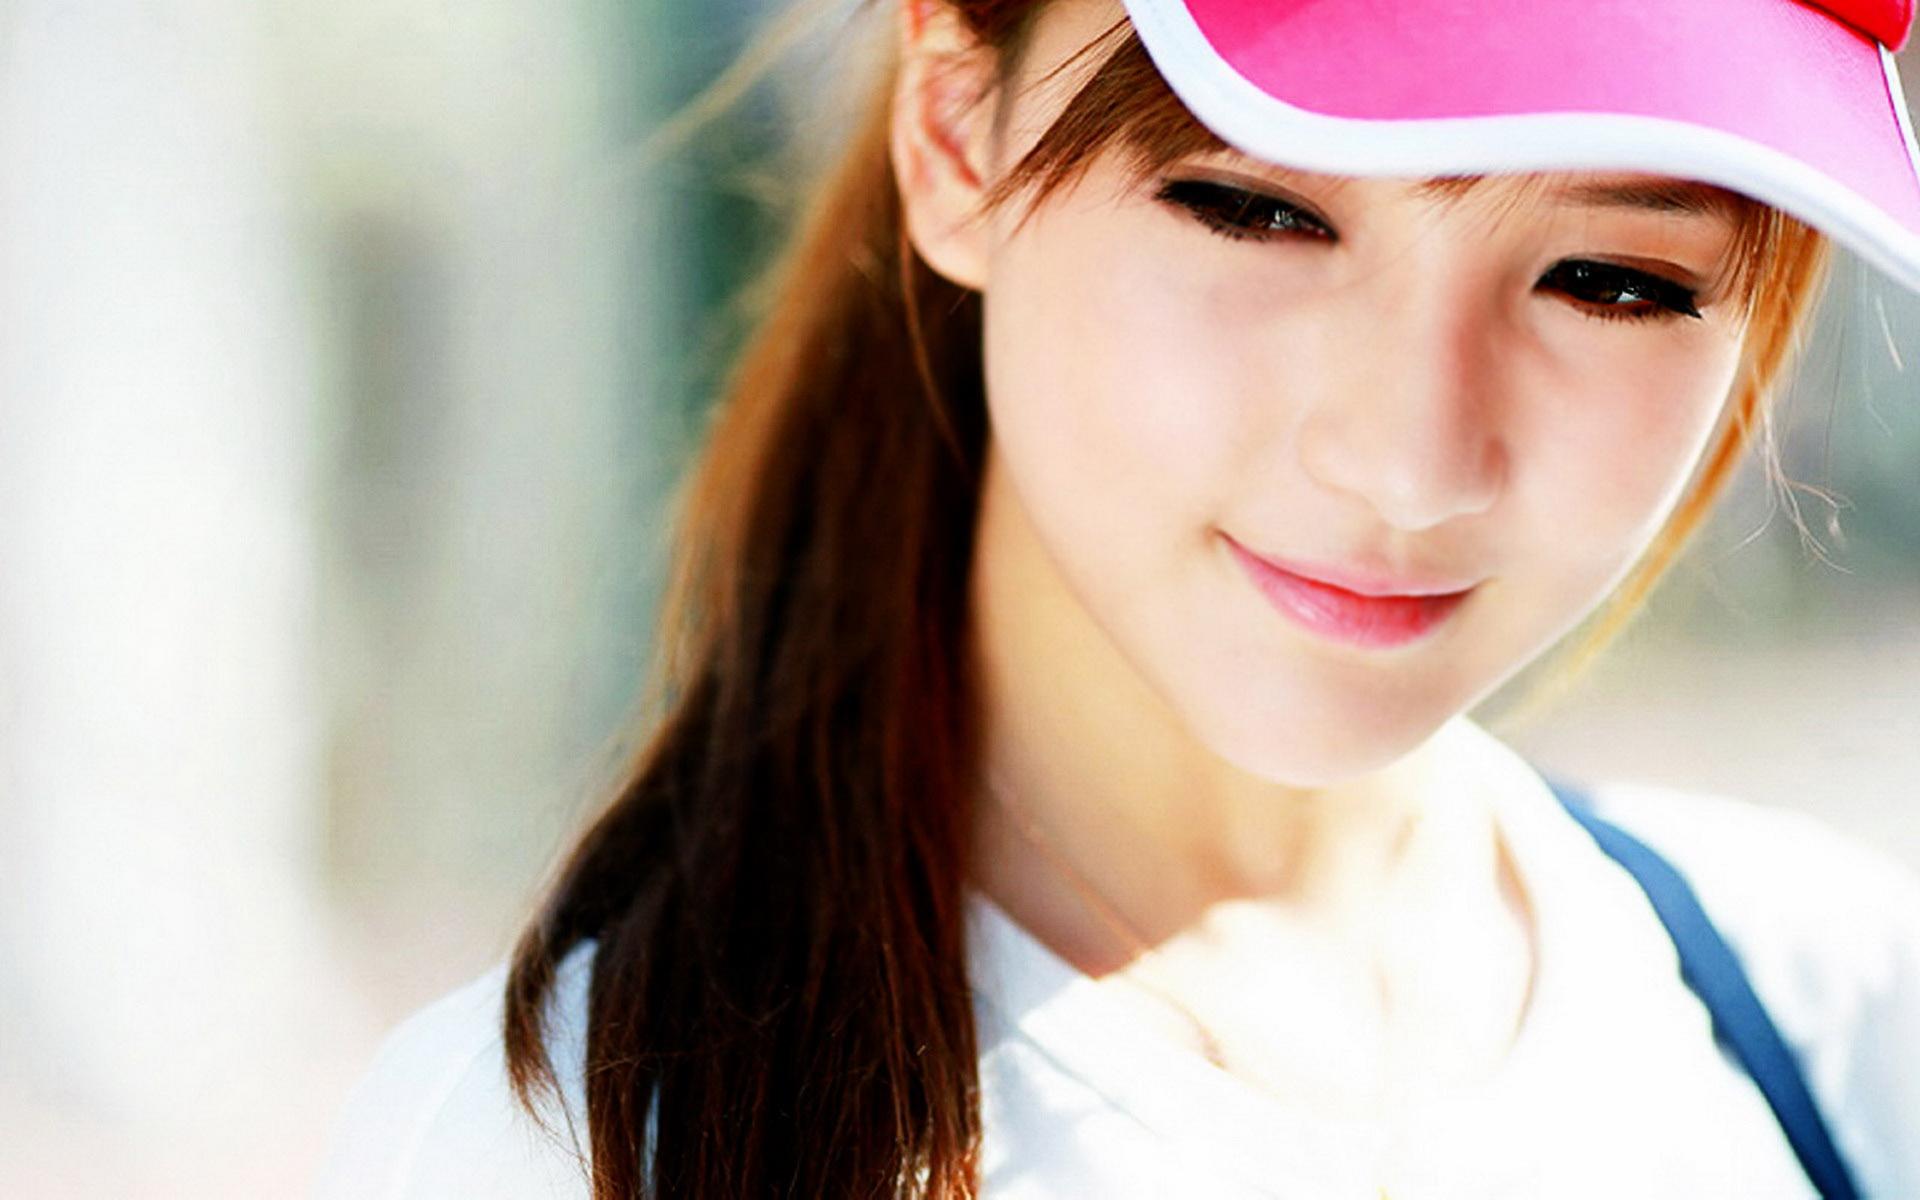 Cute Teen Girl Wallpapers - WallpaperSafari